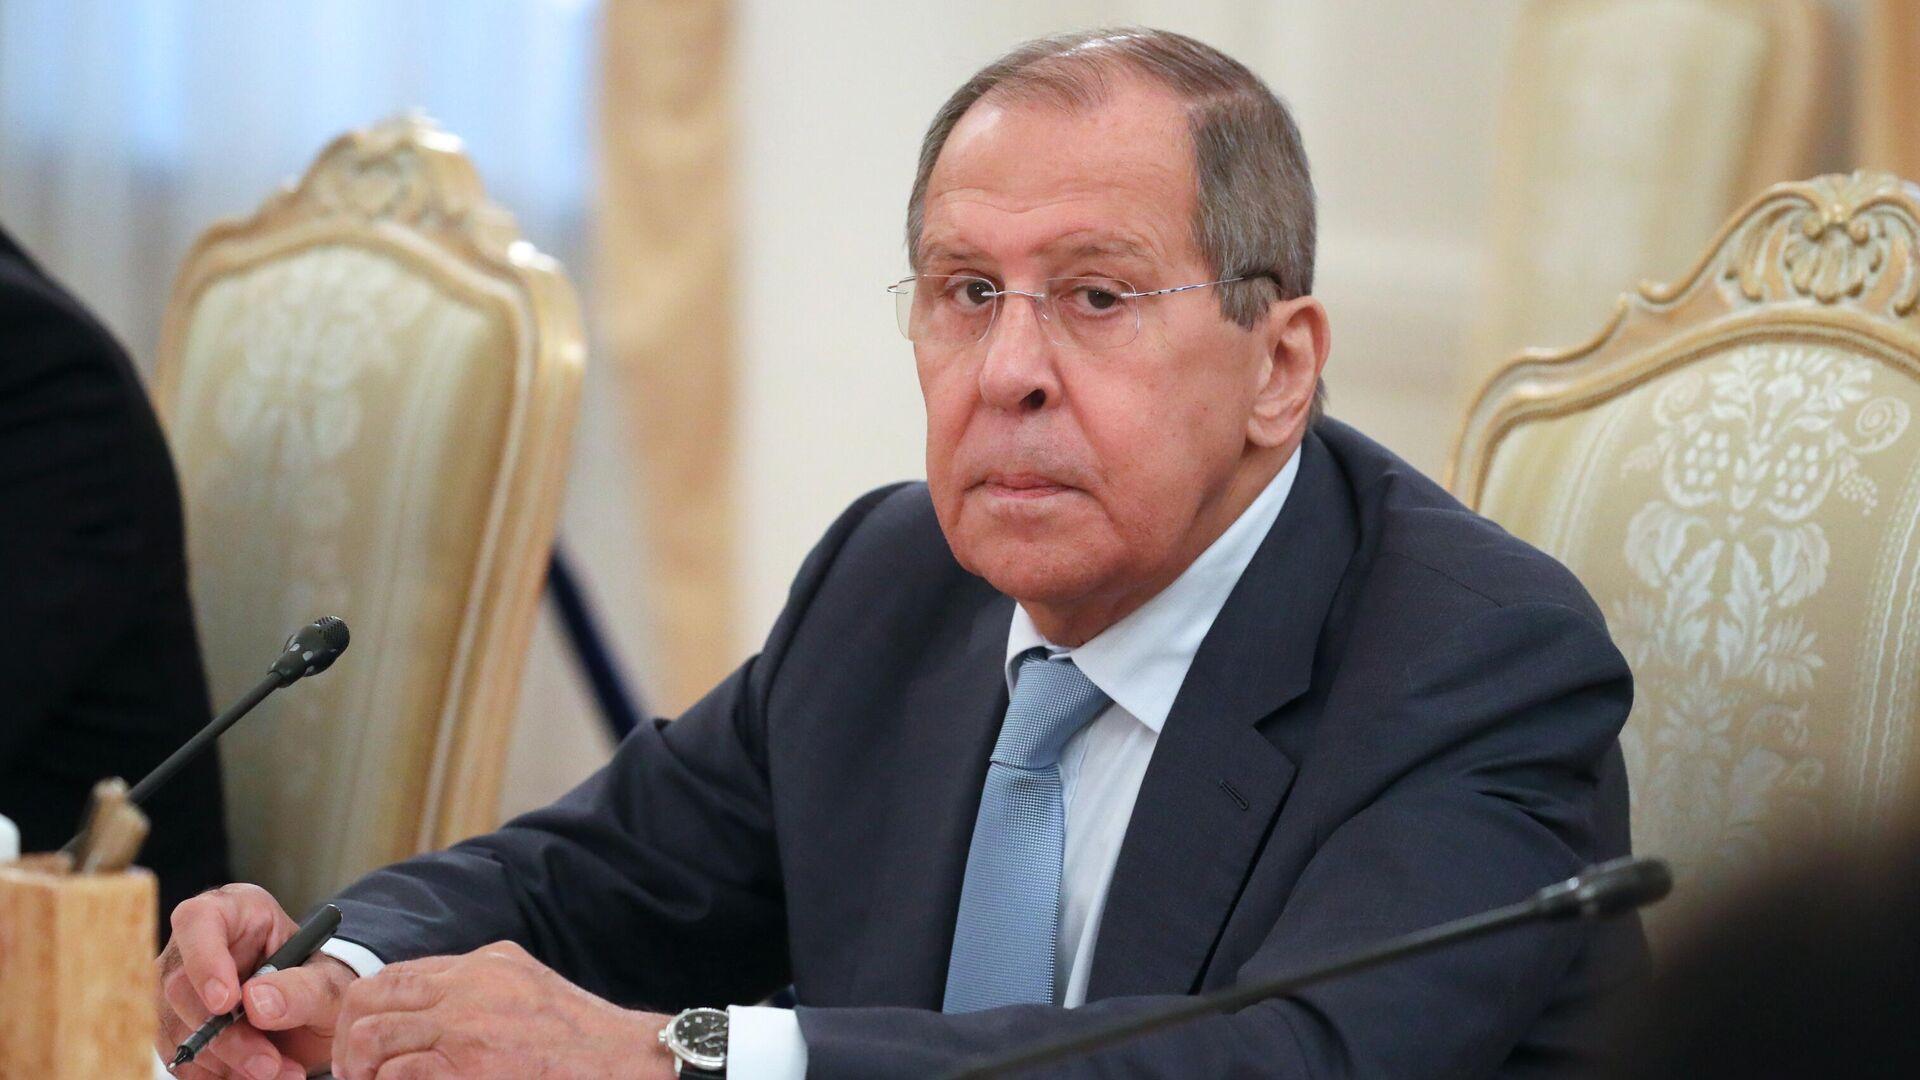 Лавров оценил заявление Байдена о невмешательстве в дела других стран